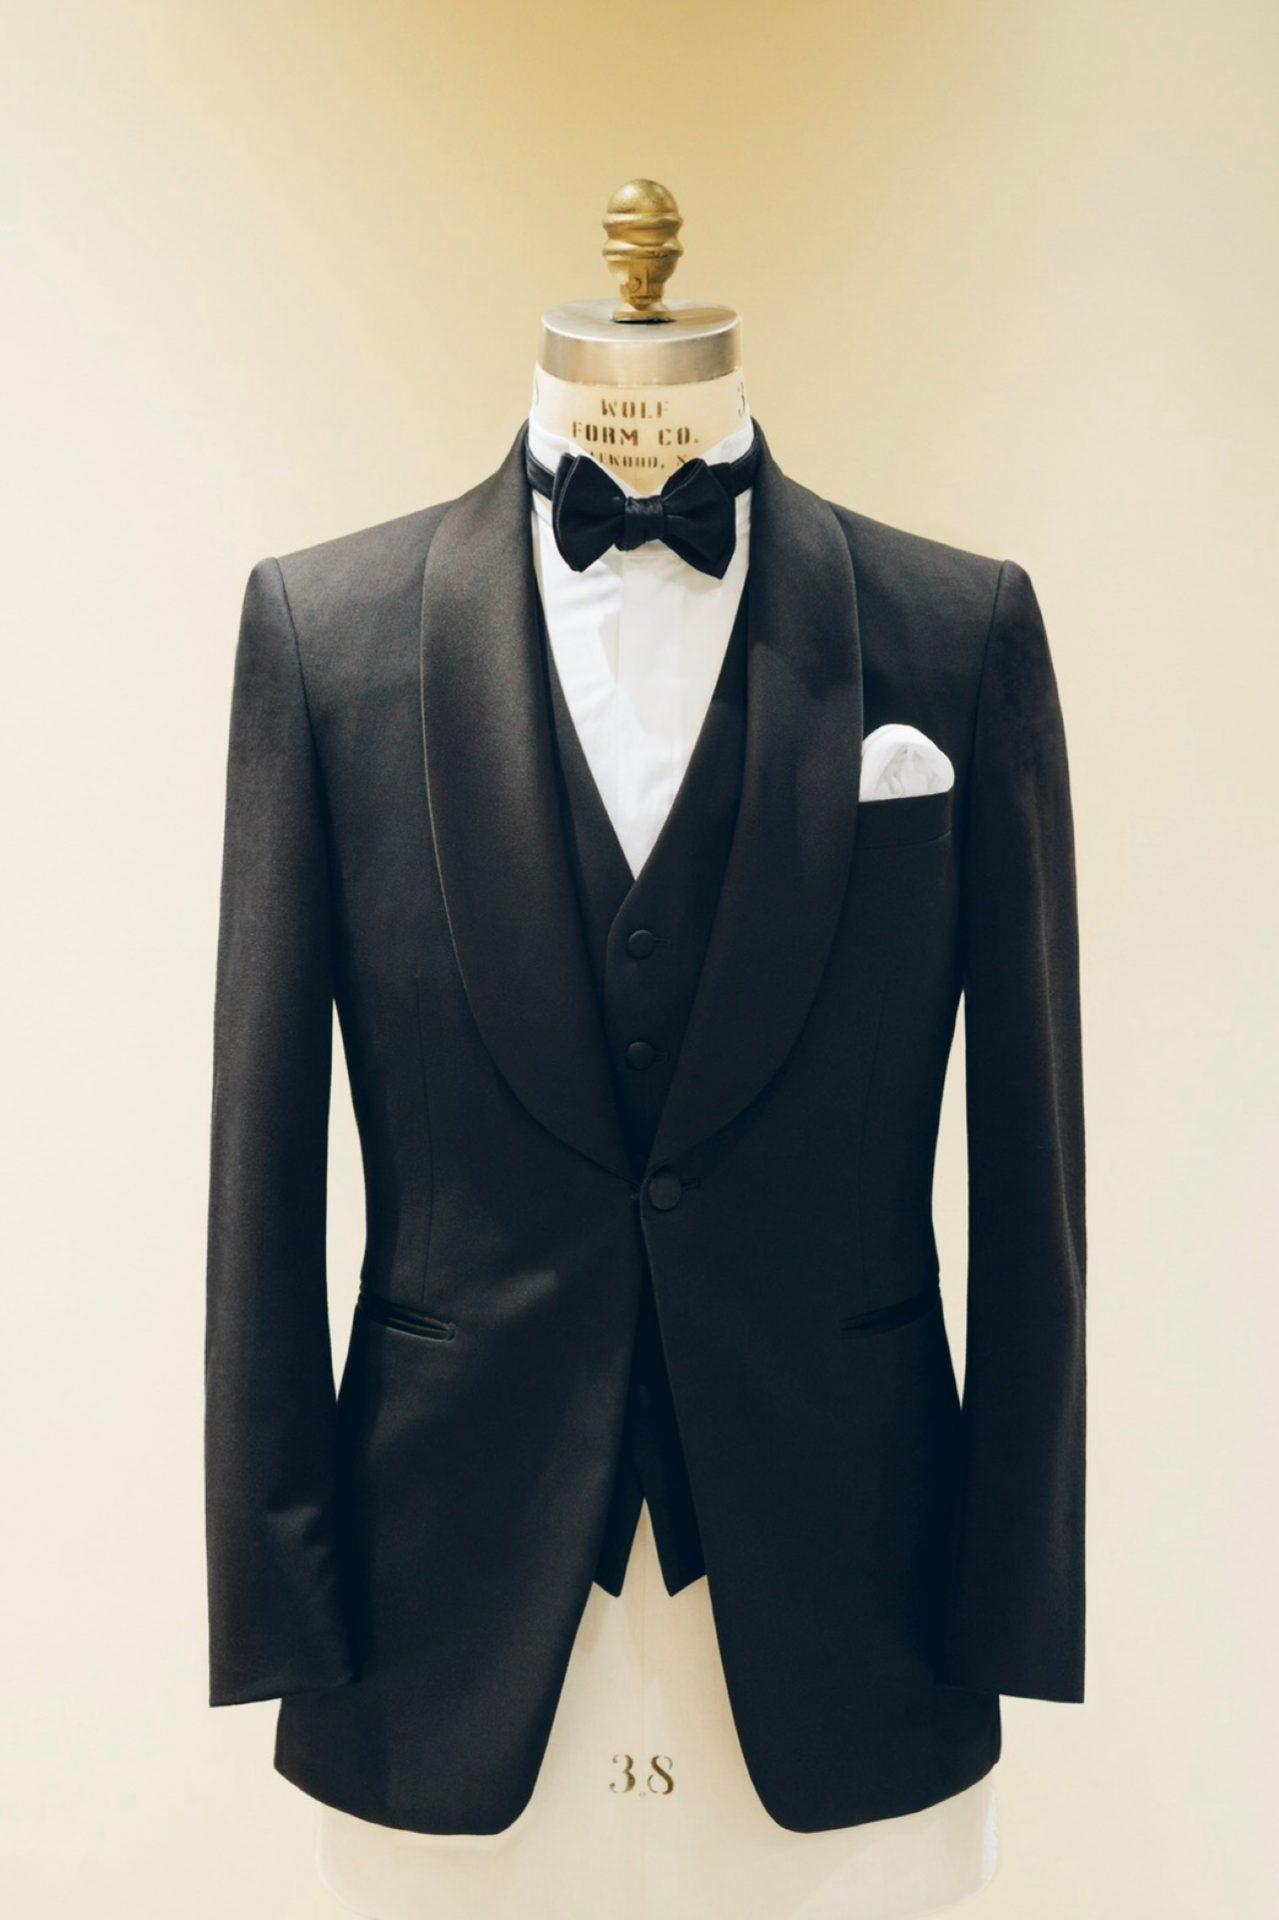 ブラックタキシードを着用する際には、蝶ネクタイやウィングカラーシャツなどのフォーマルなアイテムを合わせる事がドレスコードです。